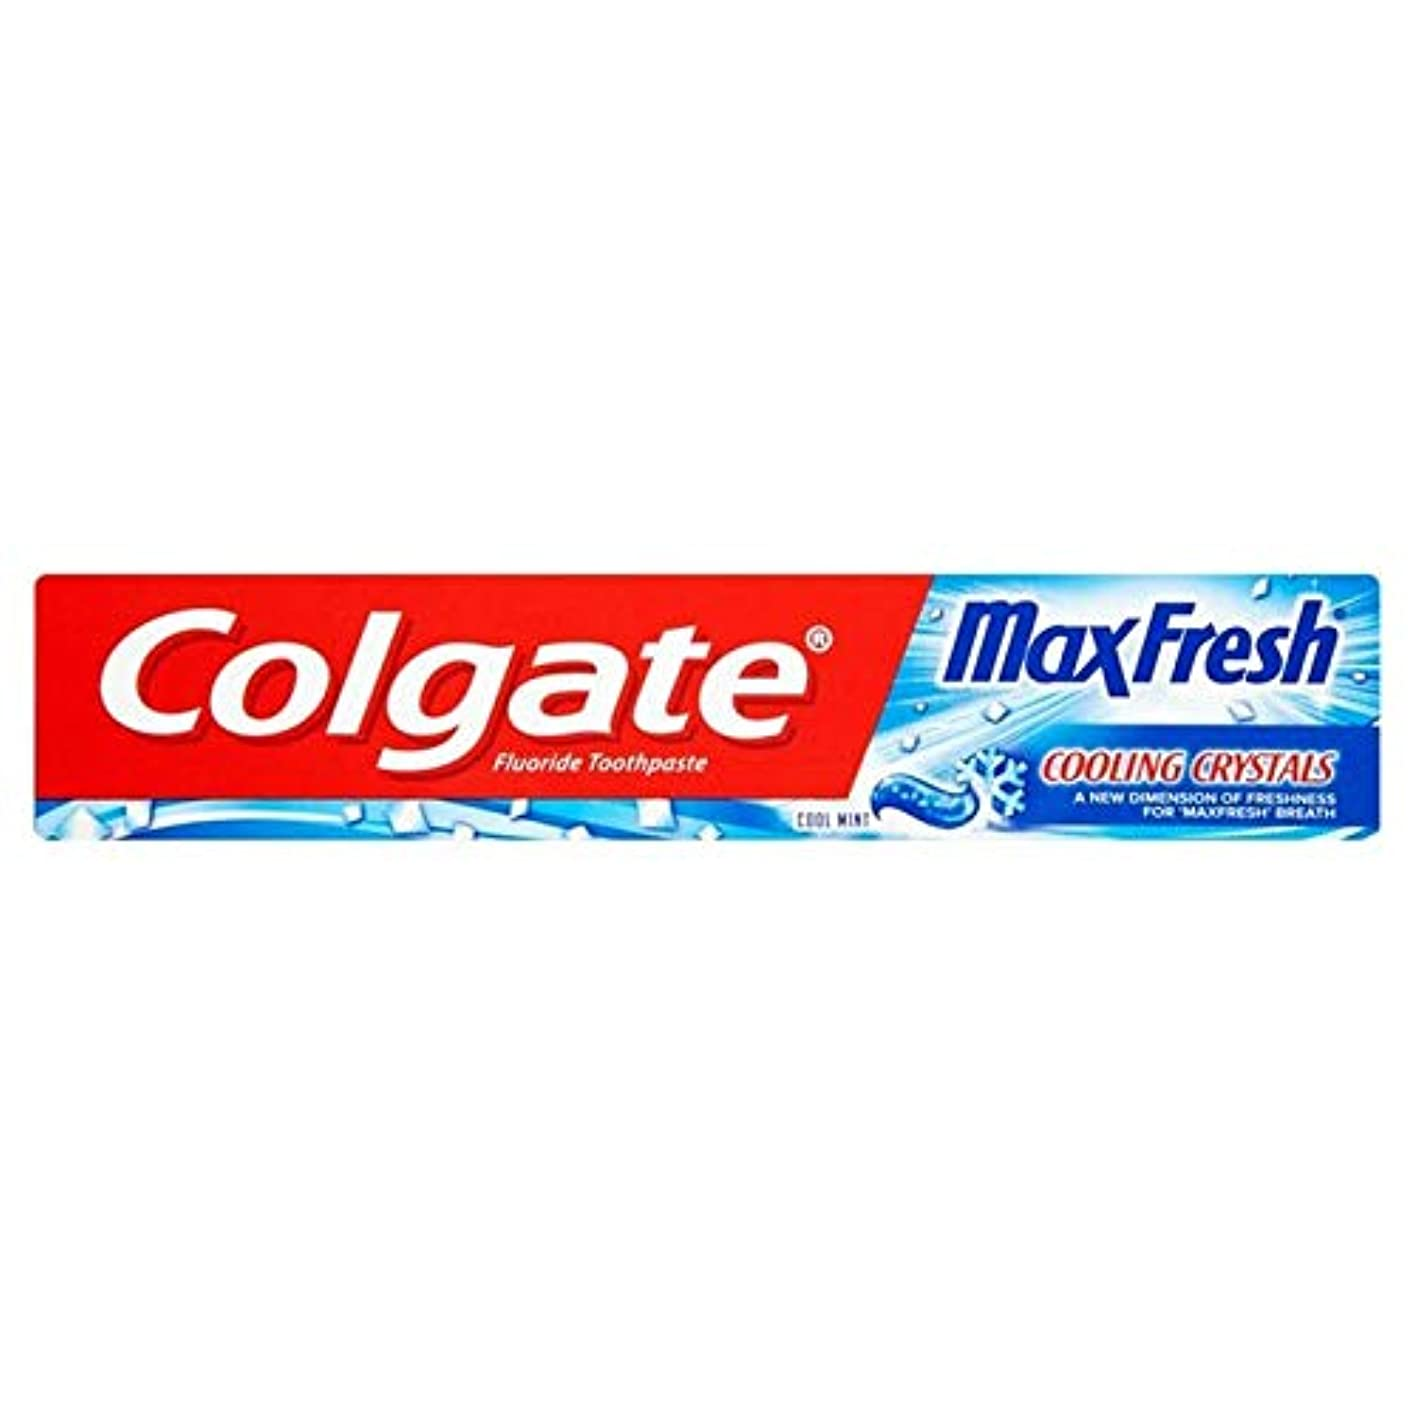 六月ジュース火曜日[Colgate ] 冷却結晶歯磨き粉75ミリリットル新鮮なコルゲートマックス - Colgate Max Fresh with Cooling Crystals Toothpaste 75ml [並行輸入品]